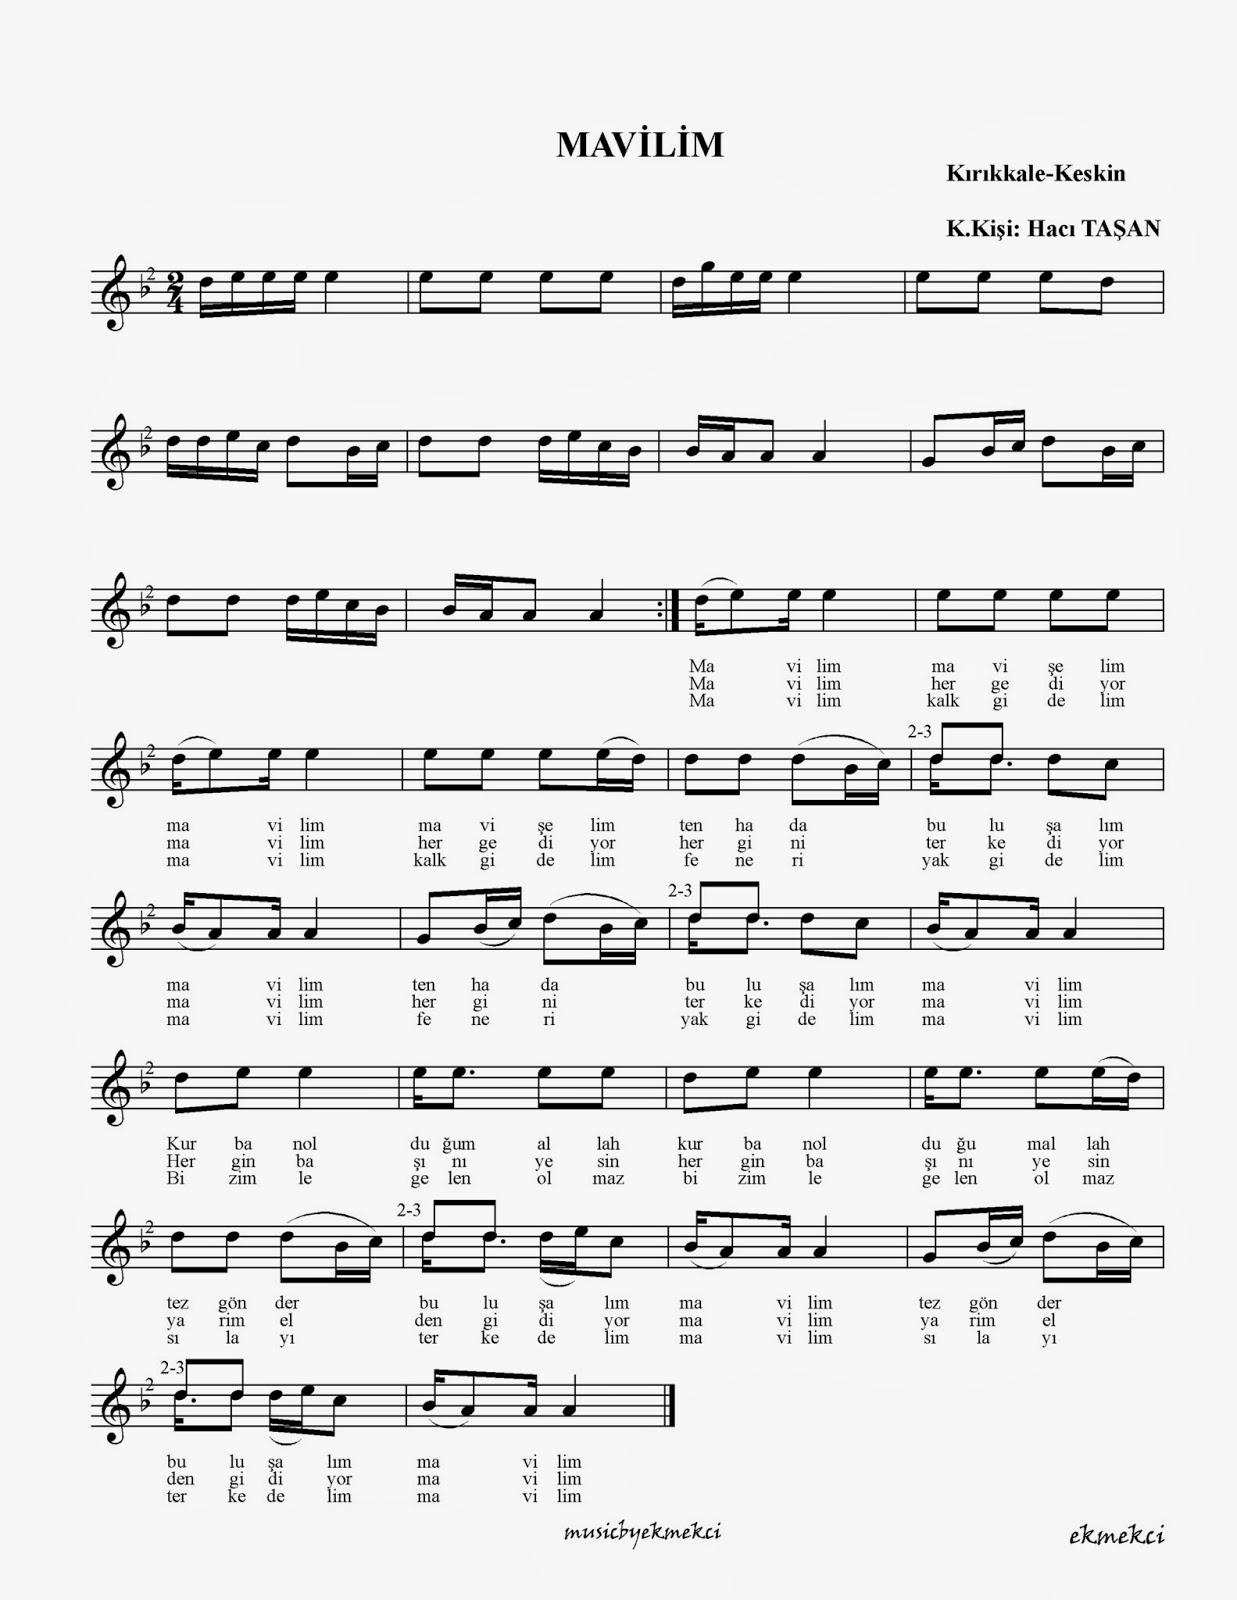 Mavilim mavişelim, türküler, notalar, türkü notaları